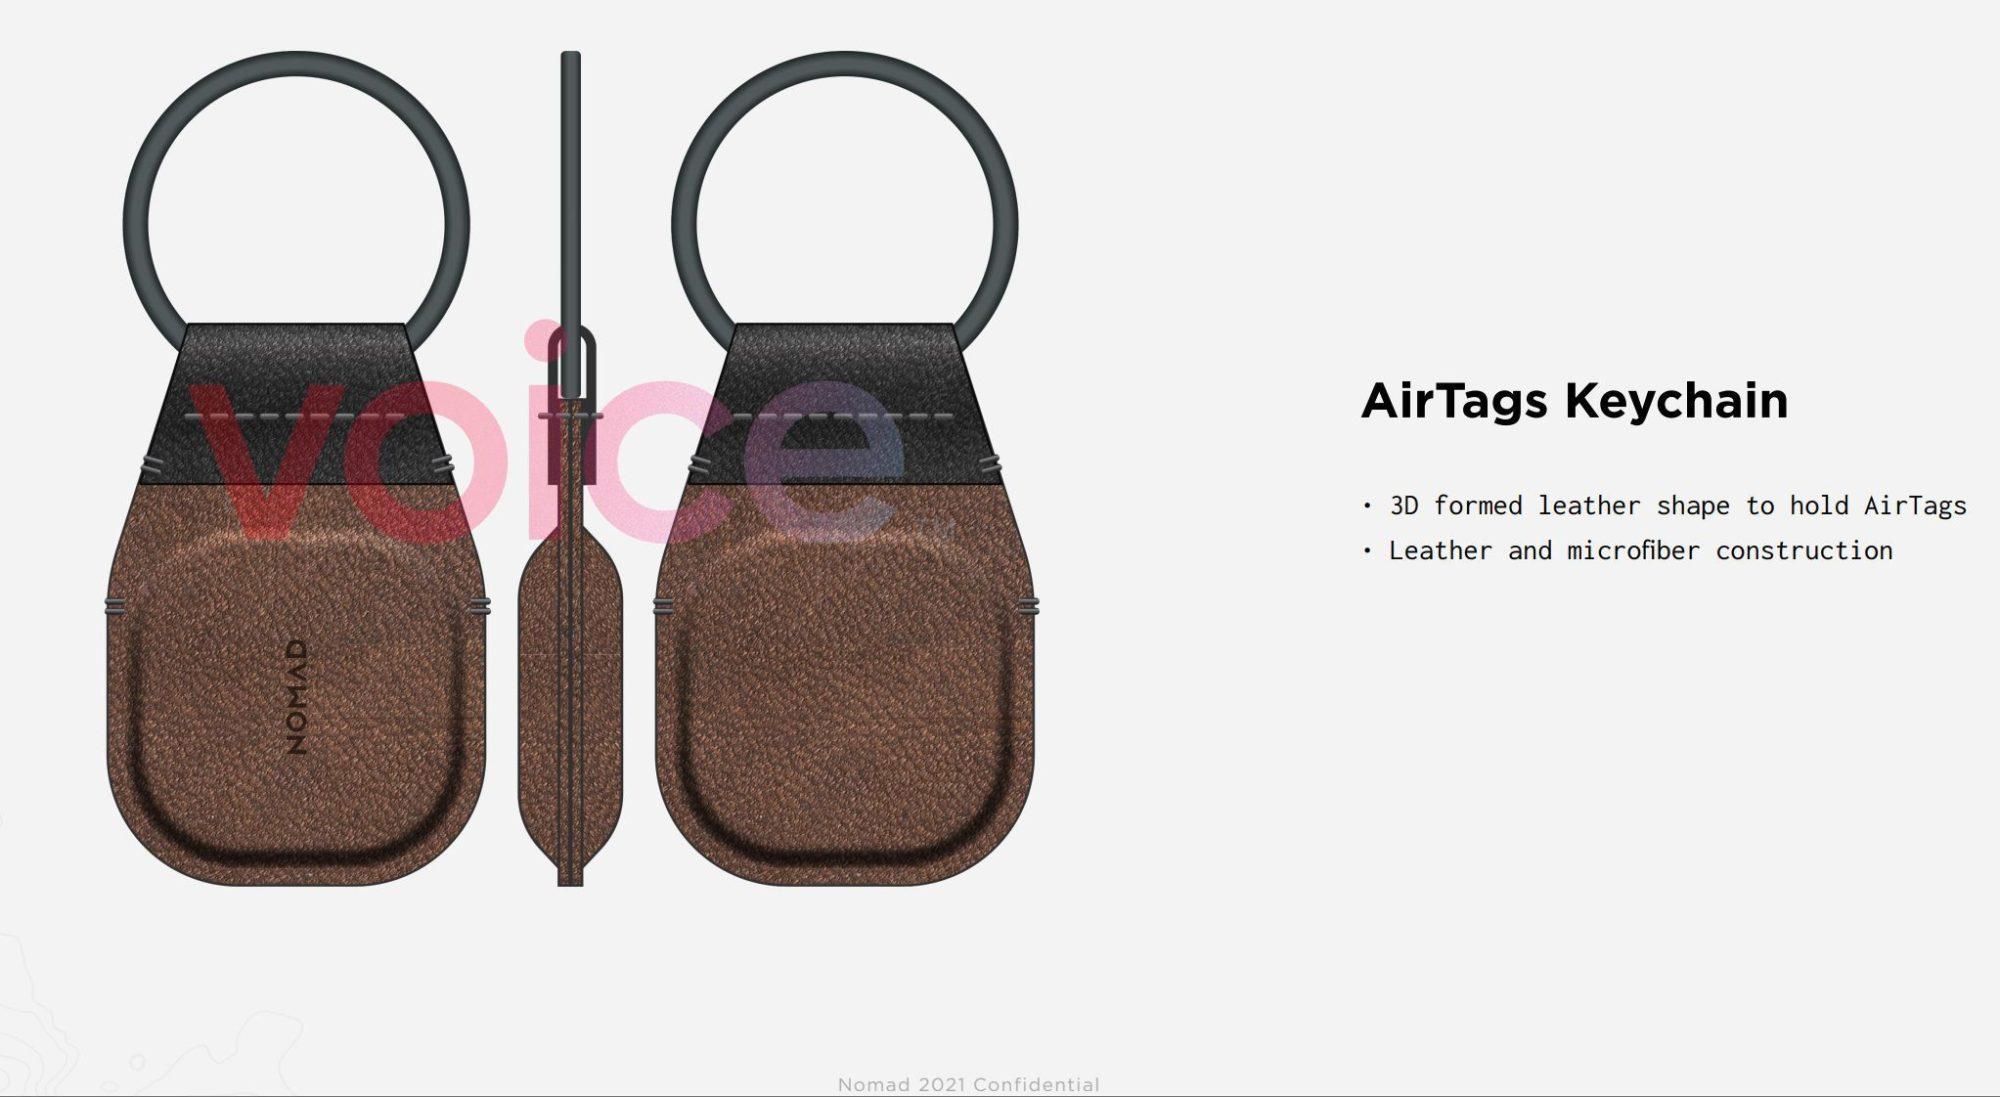 等不了了!AirTags配件偷跑了,配件厂商发布防丢钥匙链与眼镜绳